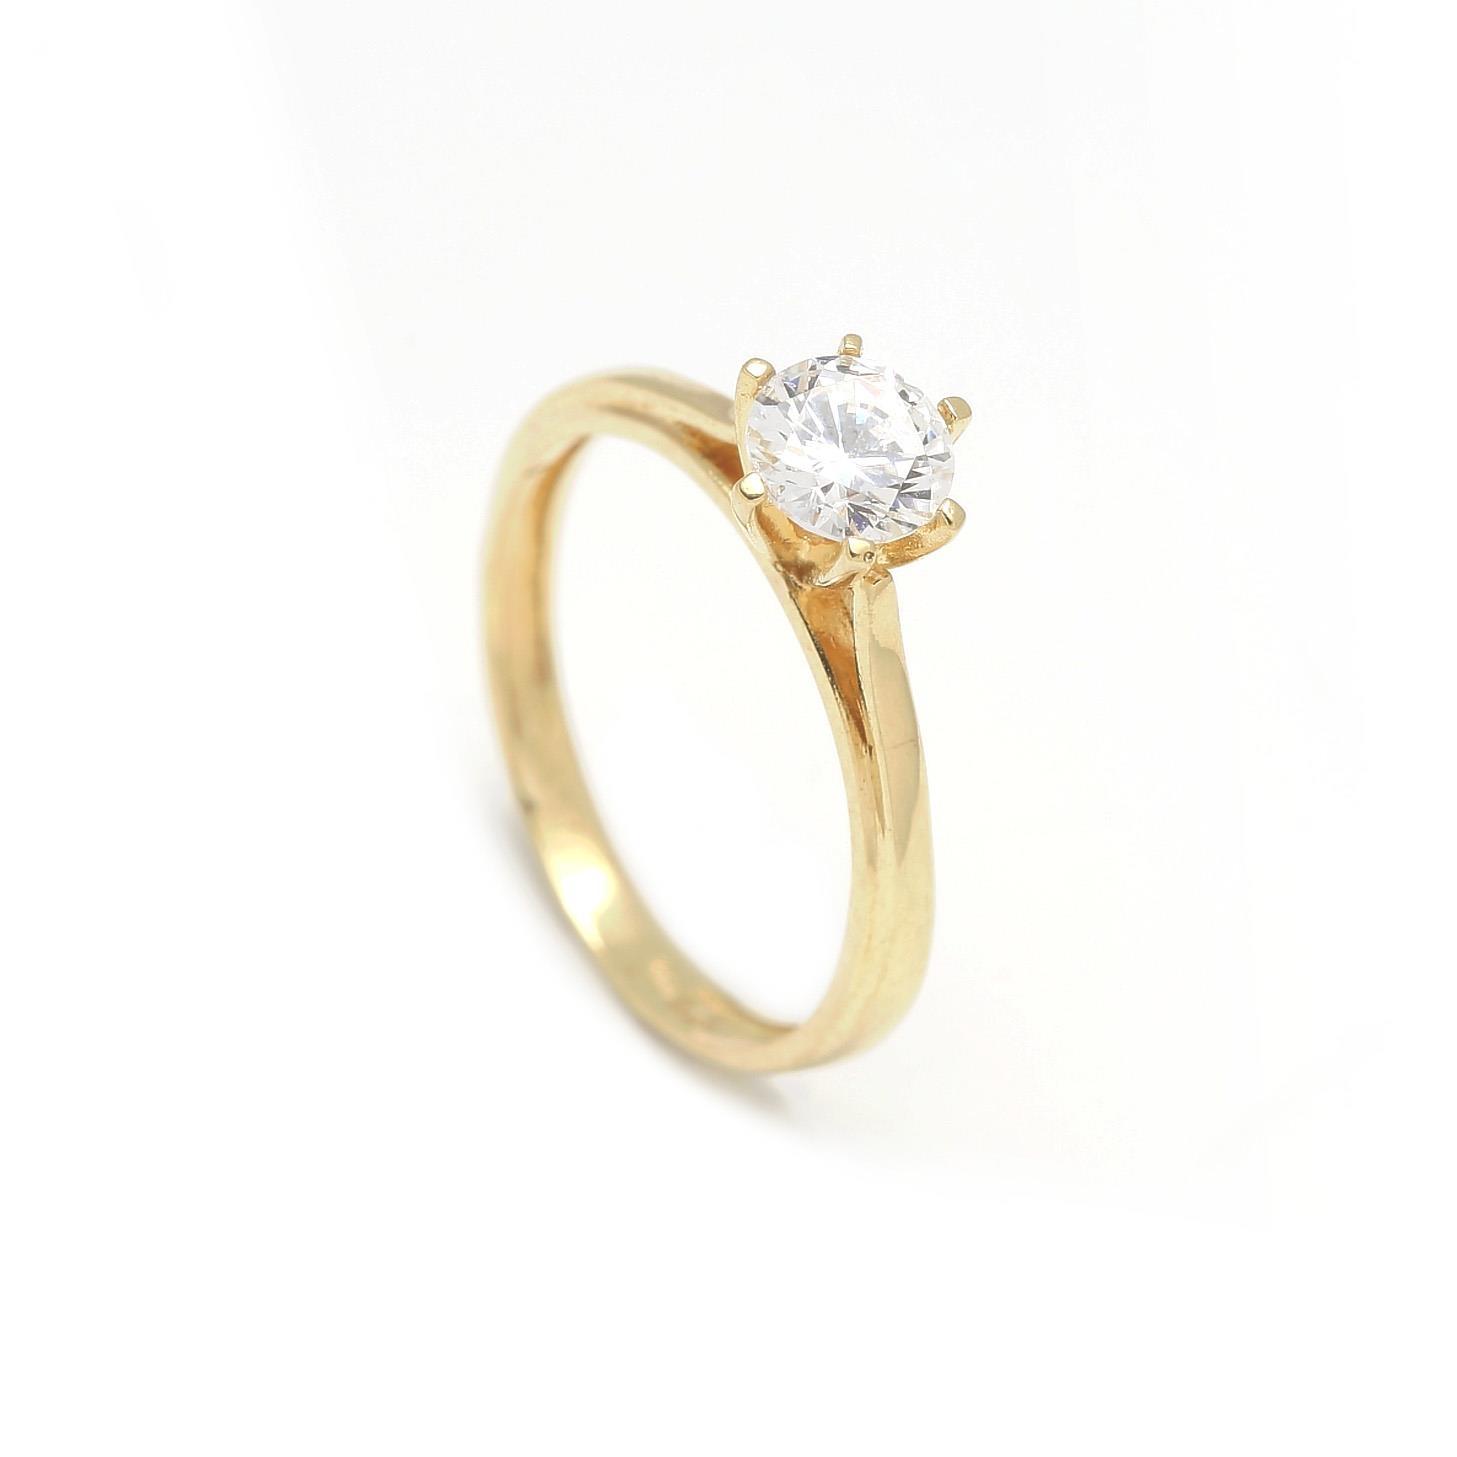 Zásnubný prstienok - prstienok k výročiu svadby - prstienok pri narodení  dieťatka - Zlatý zásnubný prsteň 873e873f637